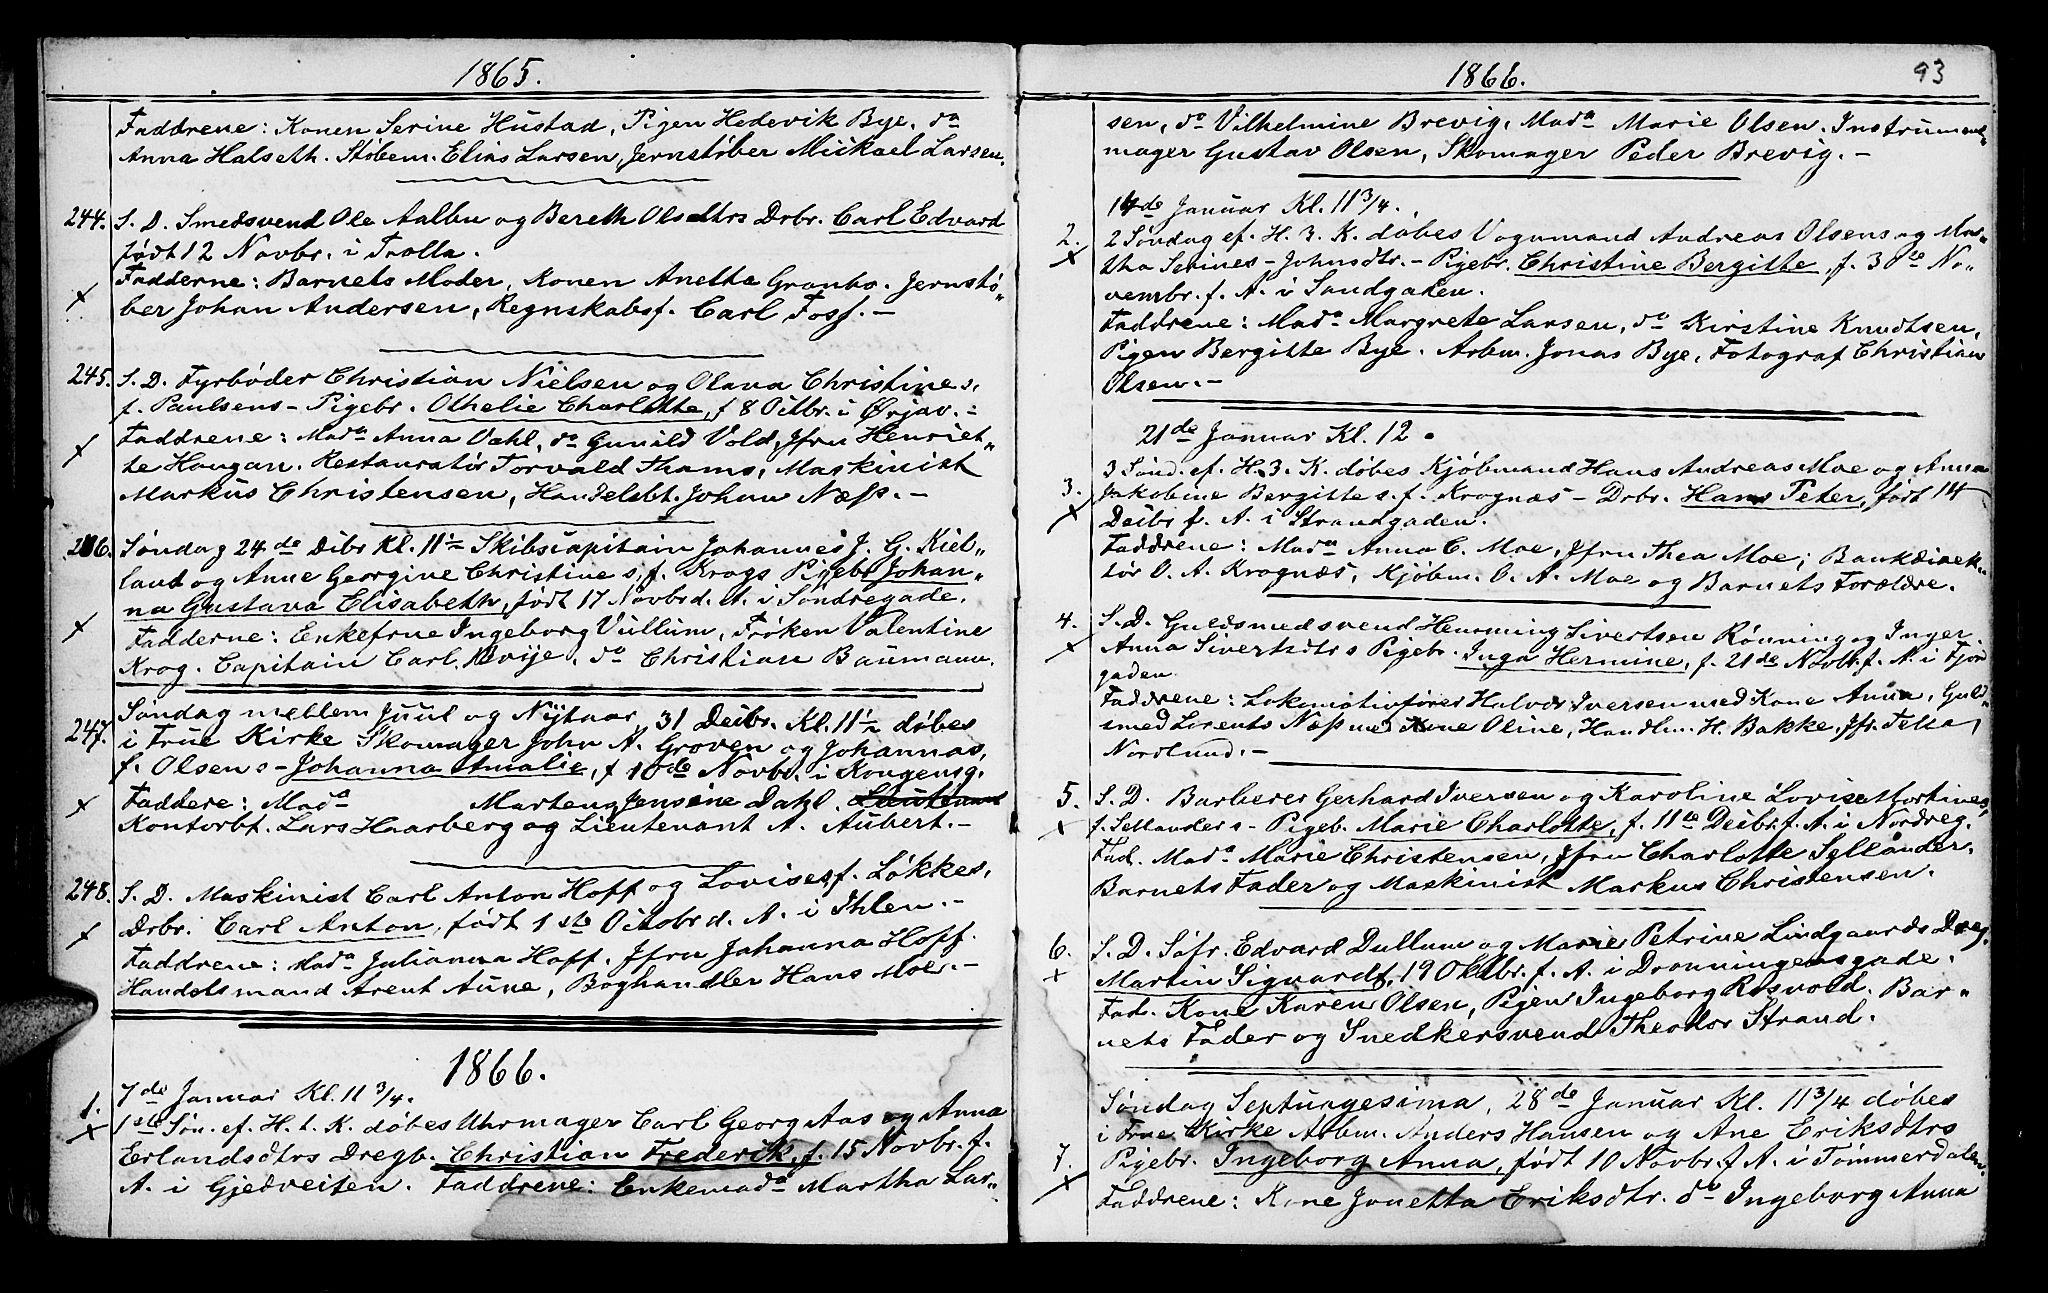 SAT, Ministerialprotokoller, klokkerbøker og fødselsregistre - Sør-Trøndelag, 602/L0140: Klokkerbok nr. 602C08, 1864-1872, s. 92-93